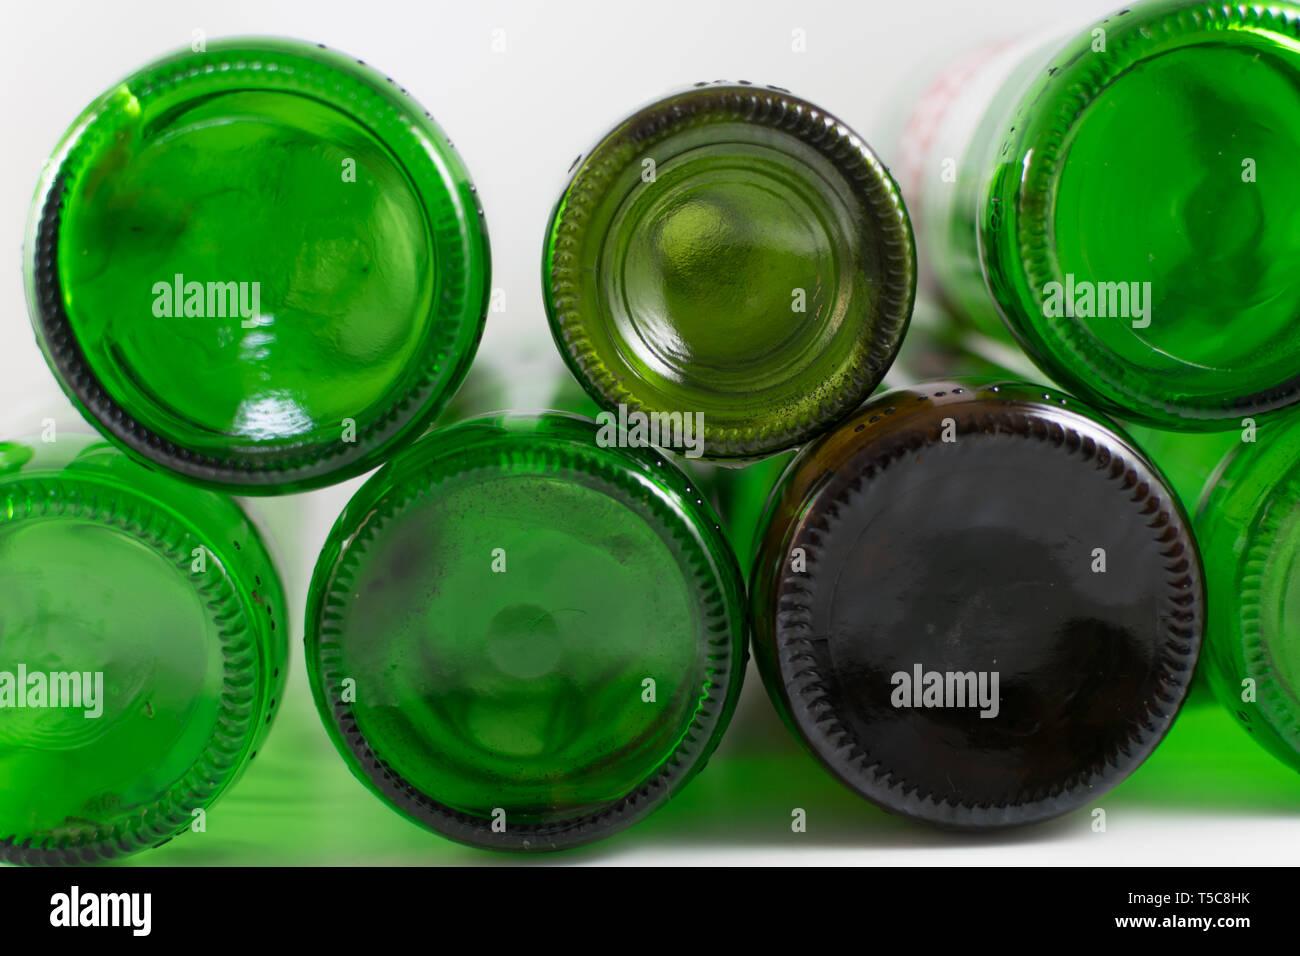 Pack vuoti di birra e vino verde e marrone con fondo in vetro bottiglie, su uno sfondo bianco. Il riutilizzo ecosostenibile, dell'ambiente, conservazione, sostenibile Immagini Stock